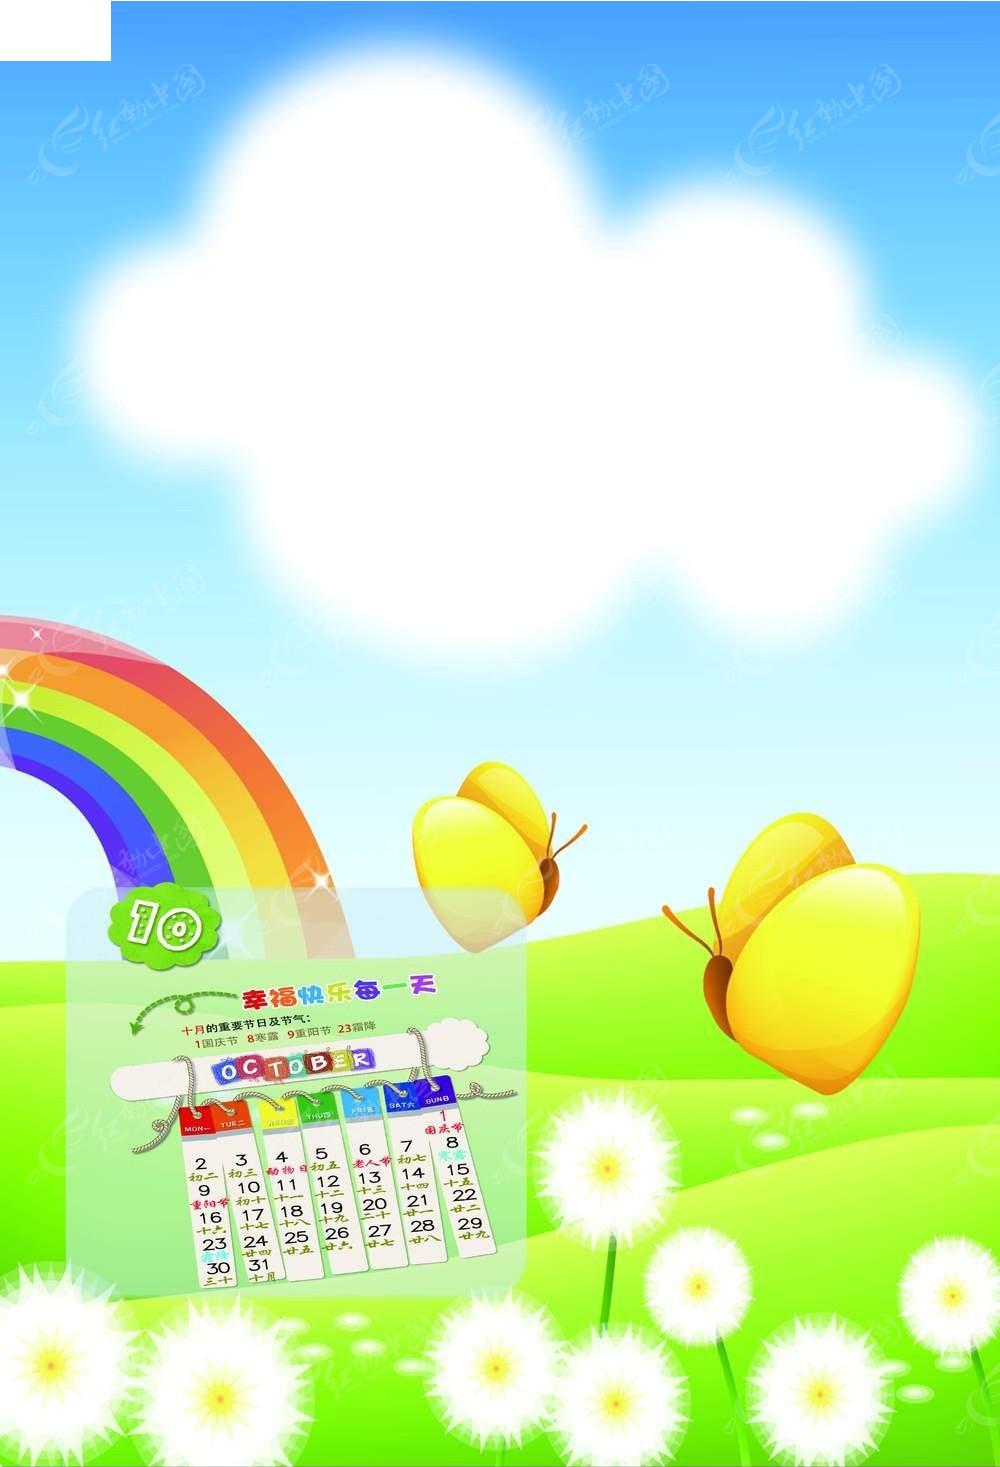 彩虹手绘日历图片